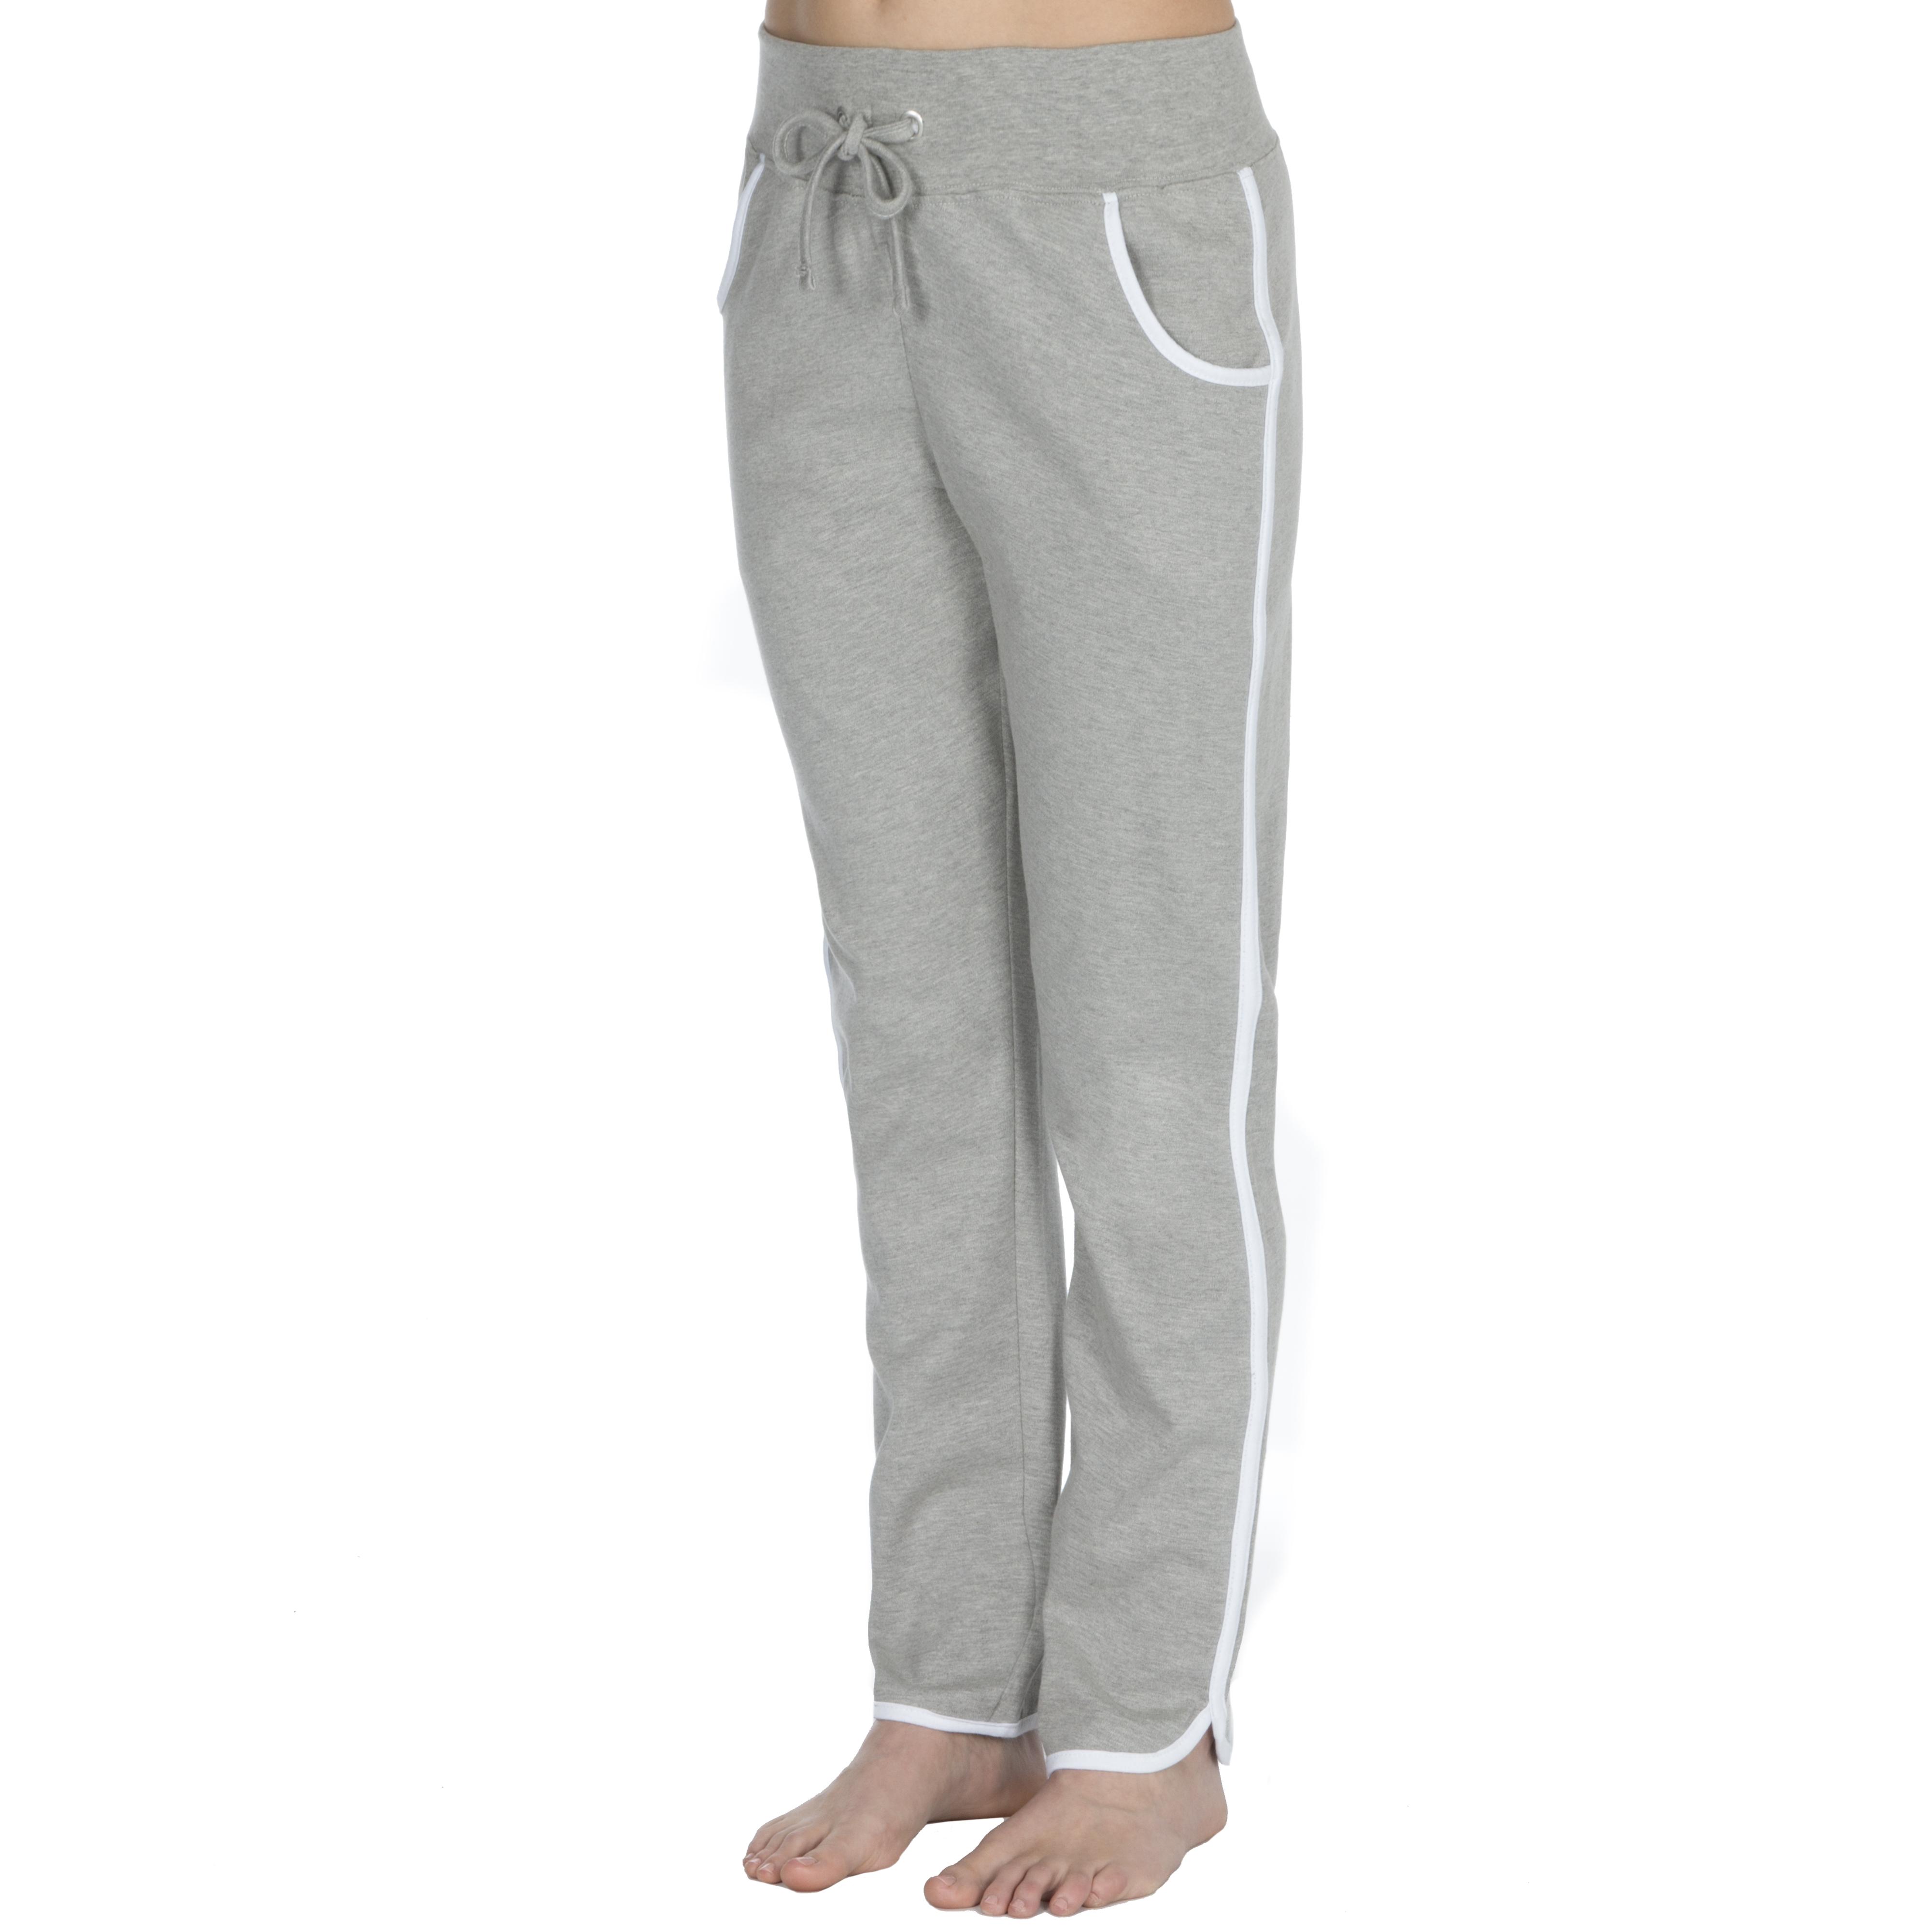 NEW COTTONIQUE Ladies Interlock Jog pants 100/% Cotton Sports Active Wear Trouser